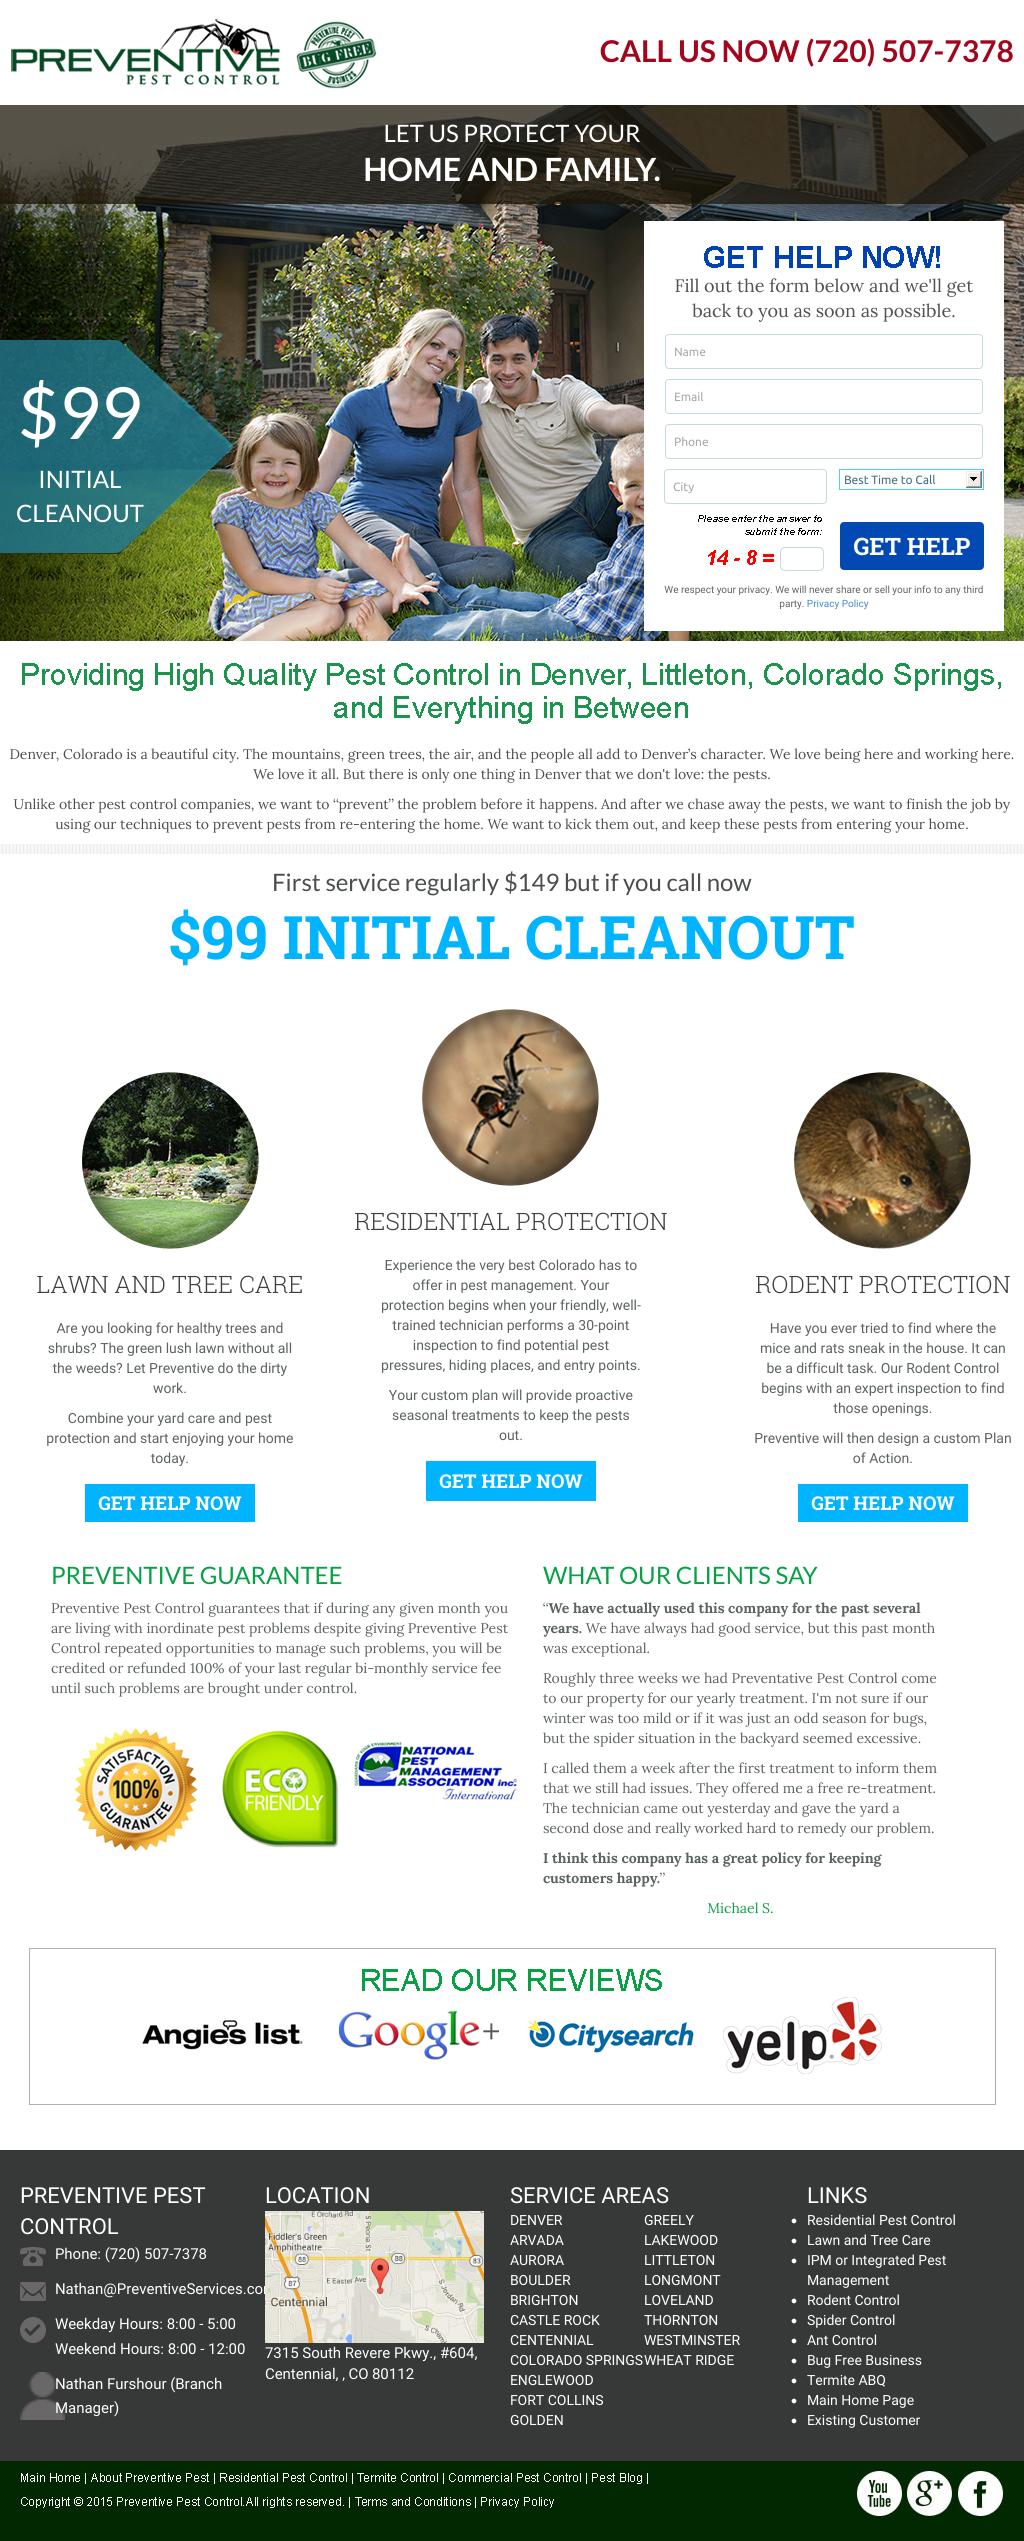 Preventive Pest Control Denver Home Page